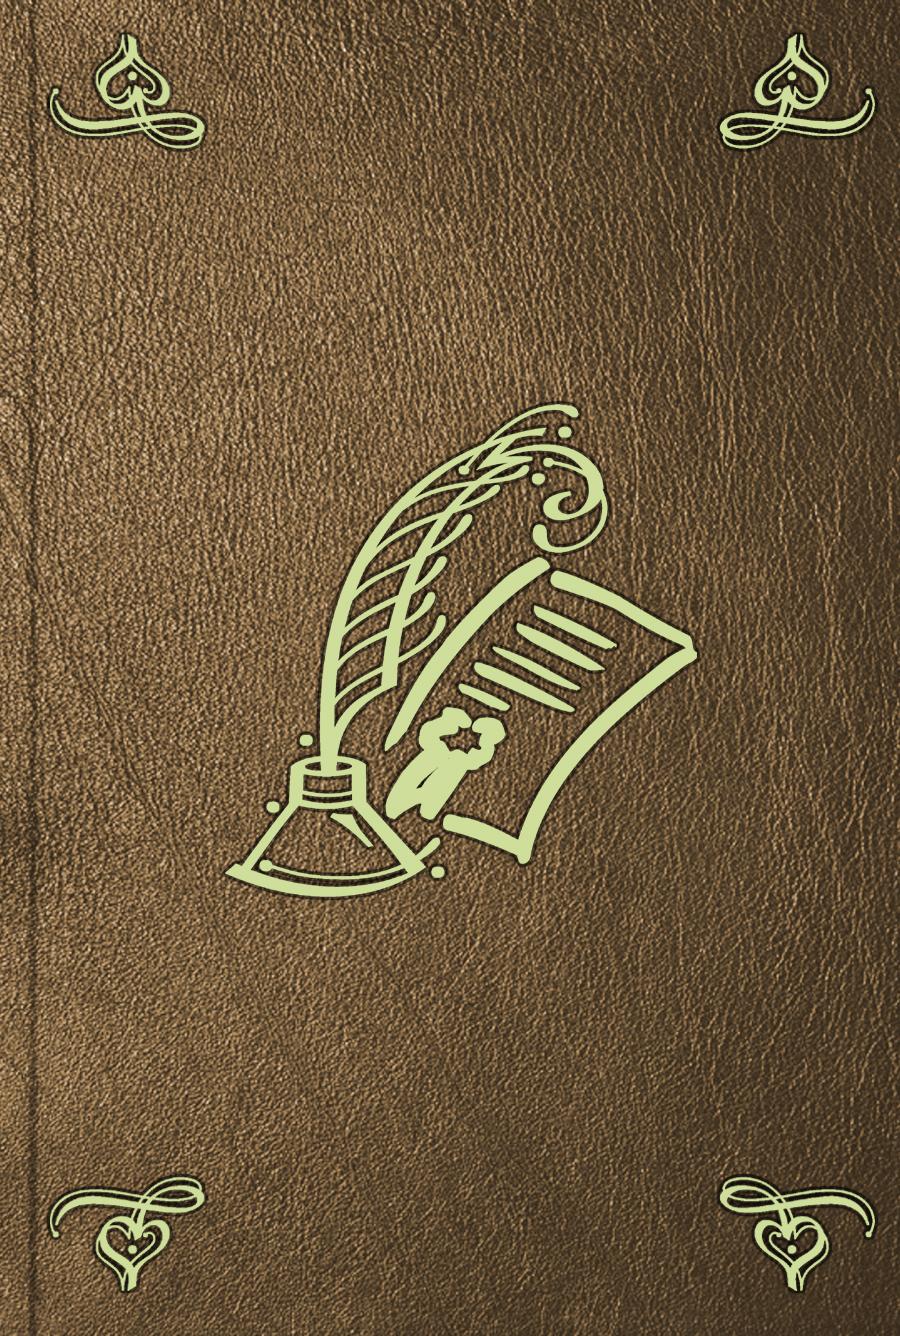 Автор не указан Инструкция землемерам к размежеванию Могилевской и Полоцкой губерний автор не указан инструкция [сотскому]